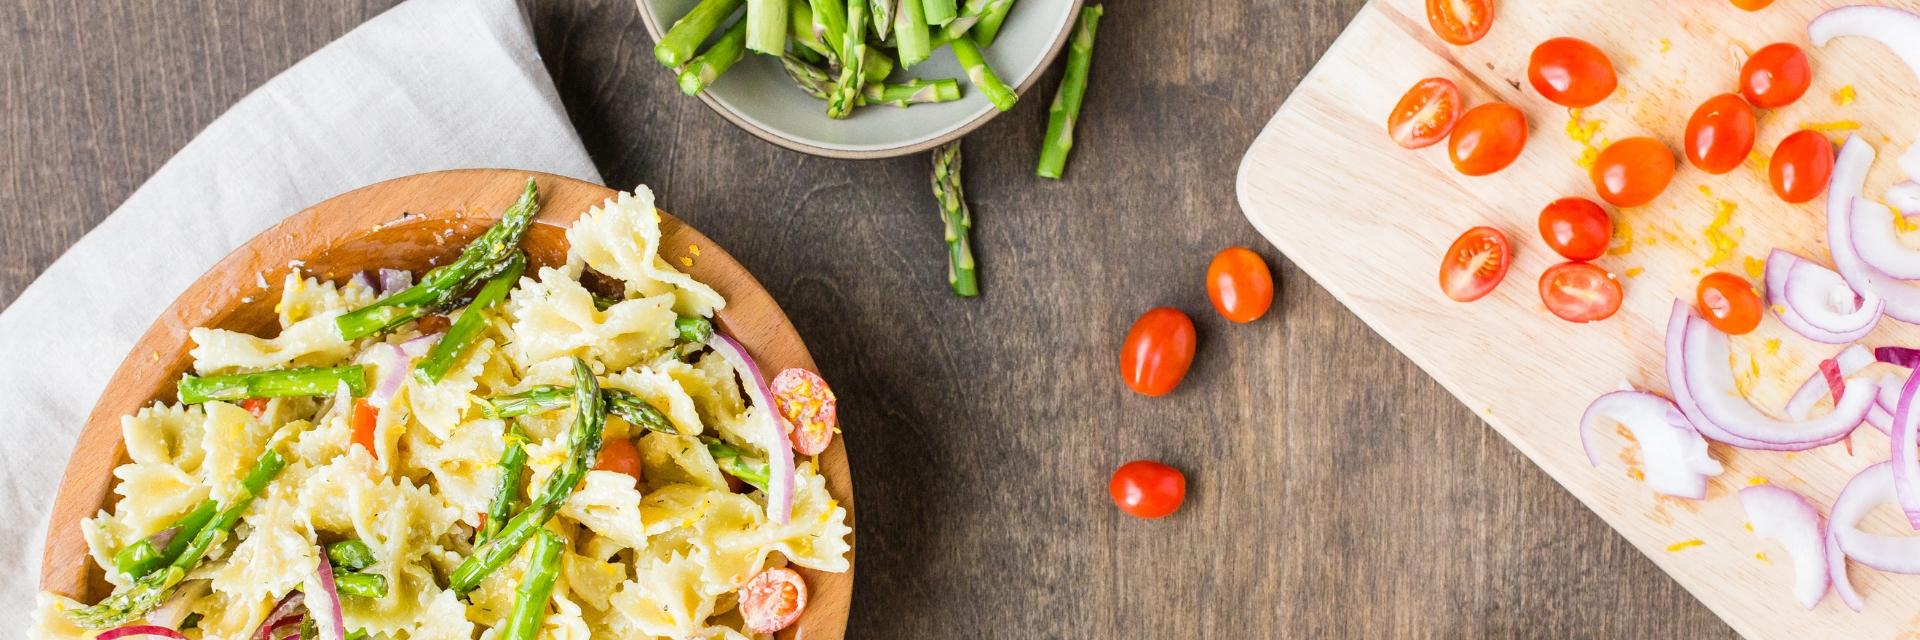 Pasta Salad Header 060221